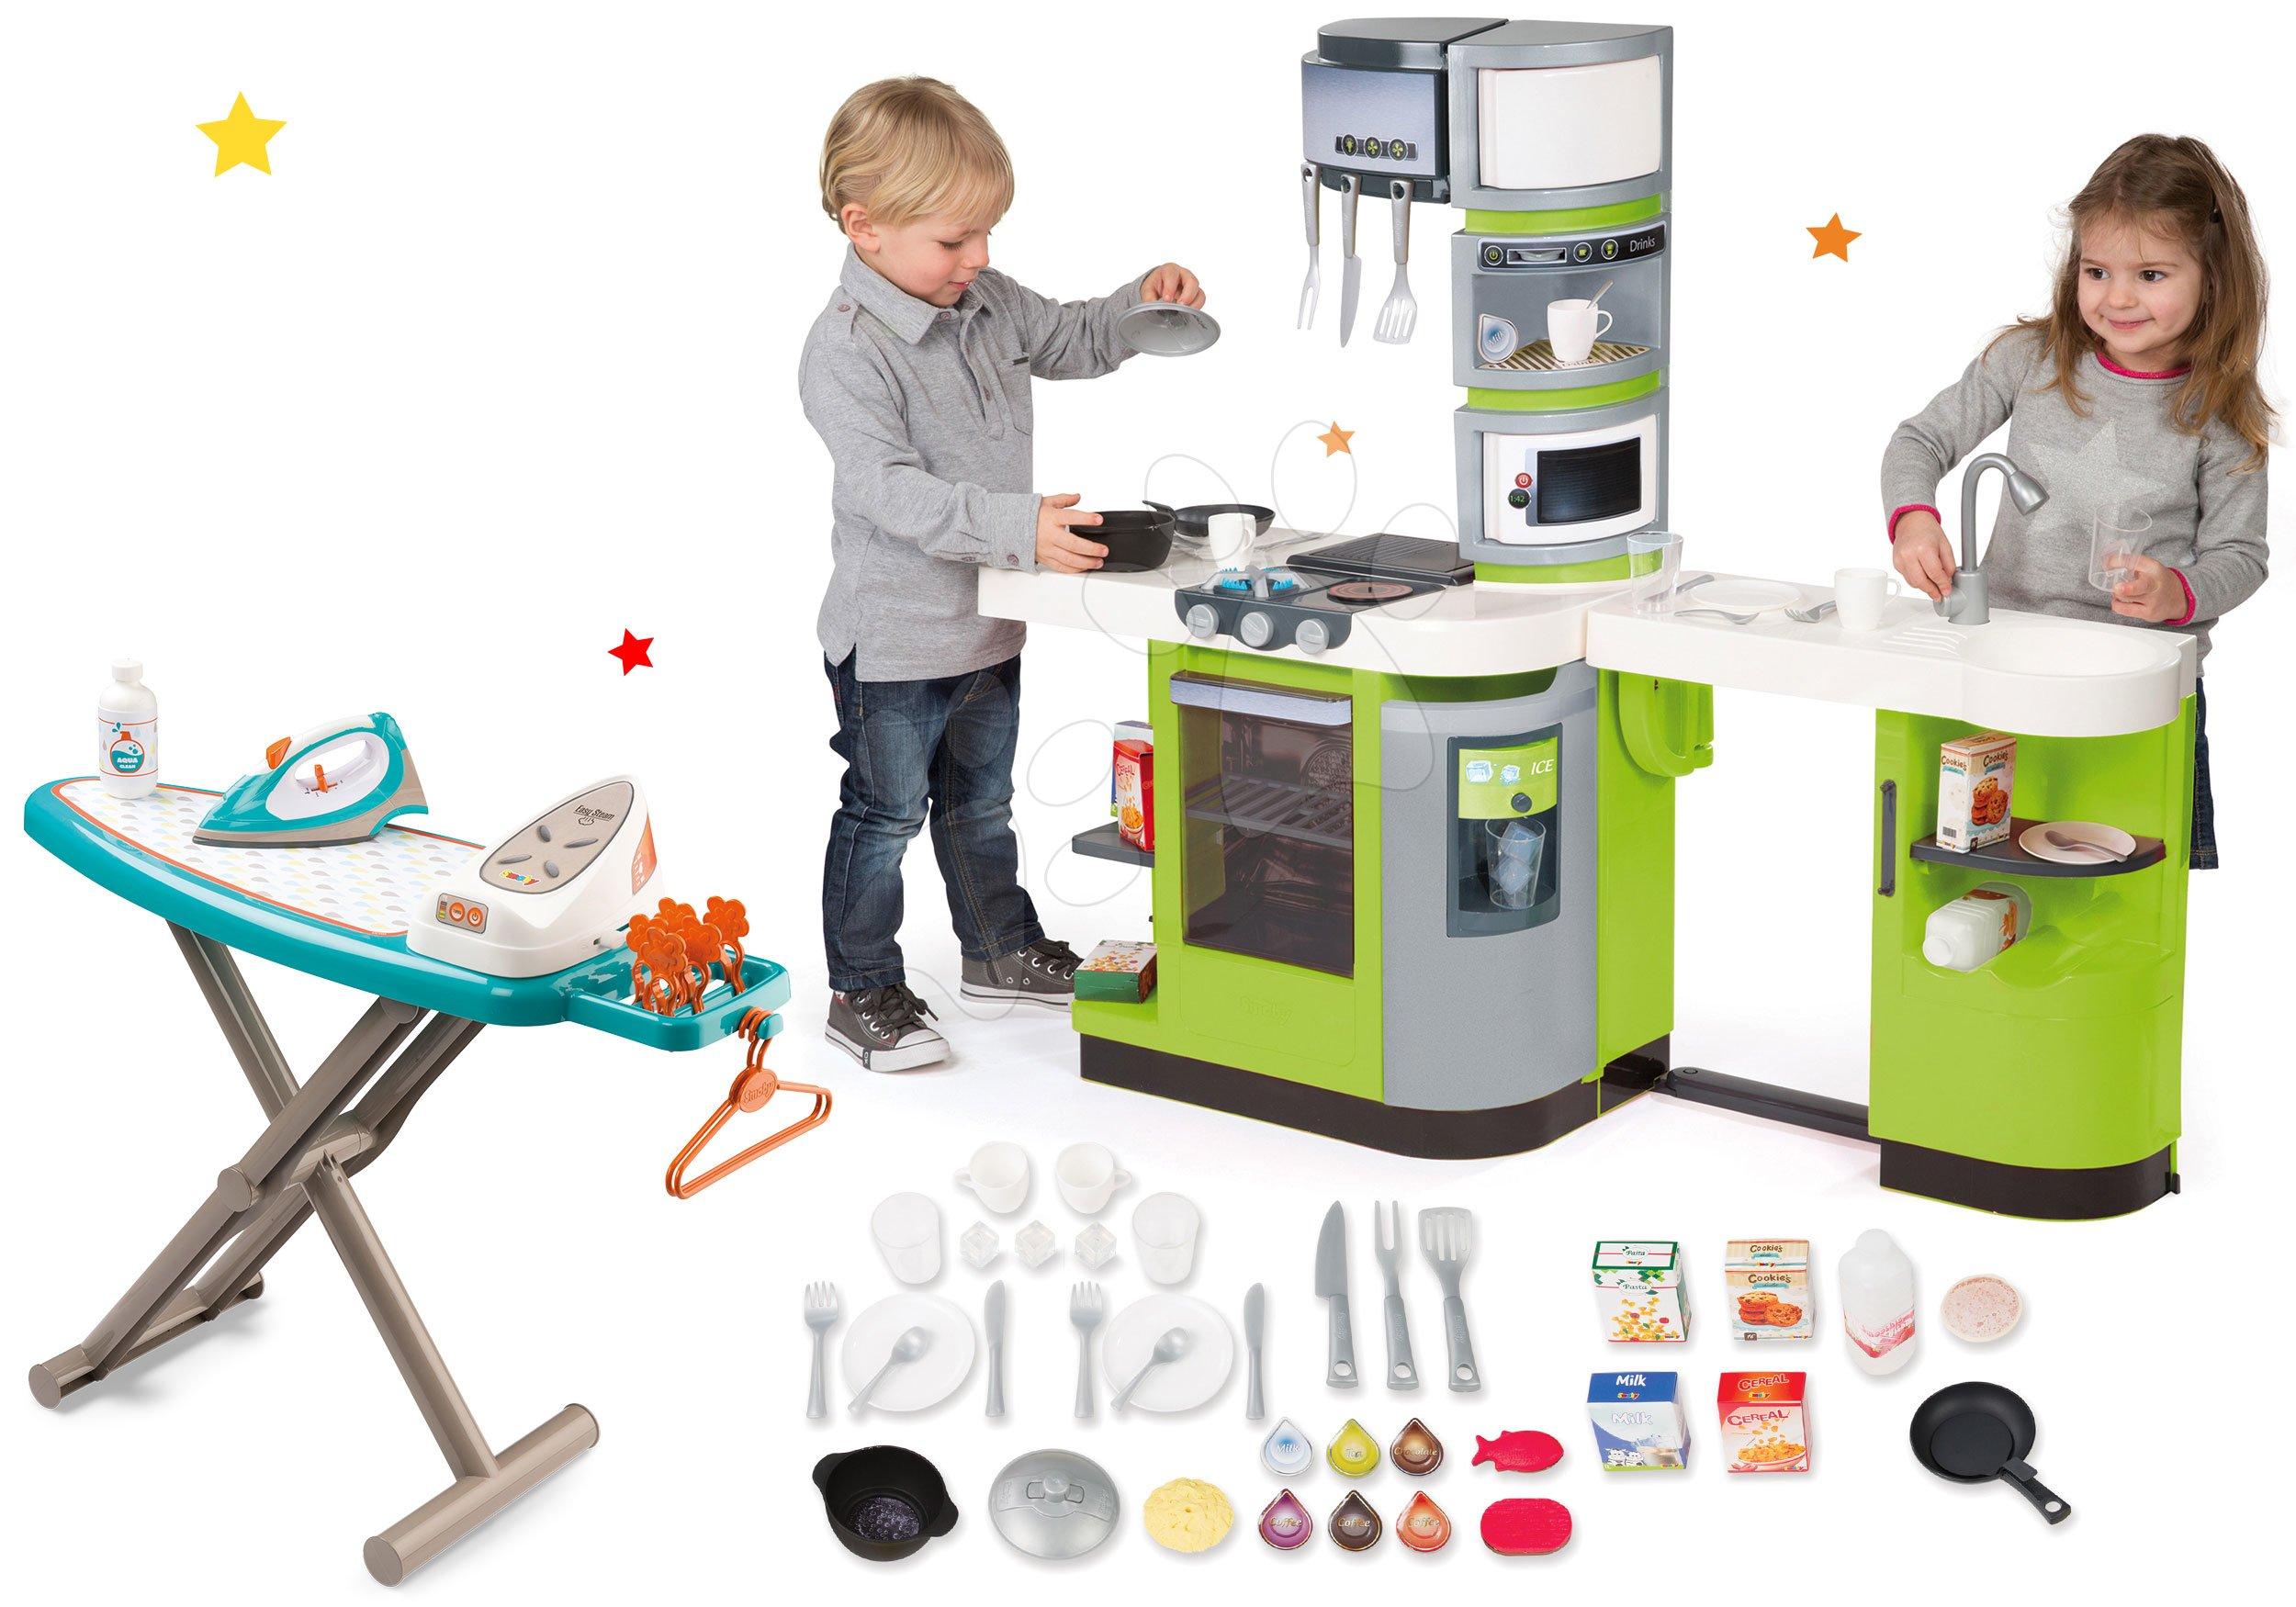 Set kuchyňka CookMaster Věřte Smoby s ledem a zvuky a žehlicí prkno se žehličkou Clean